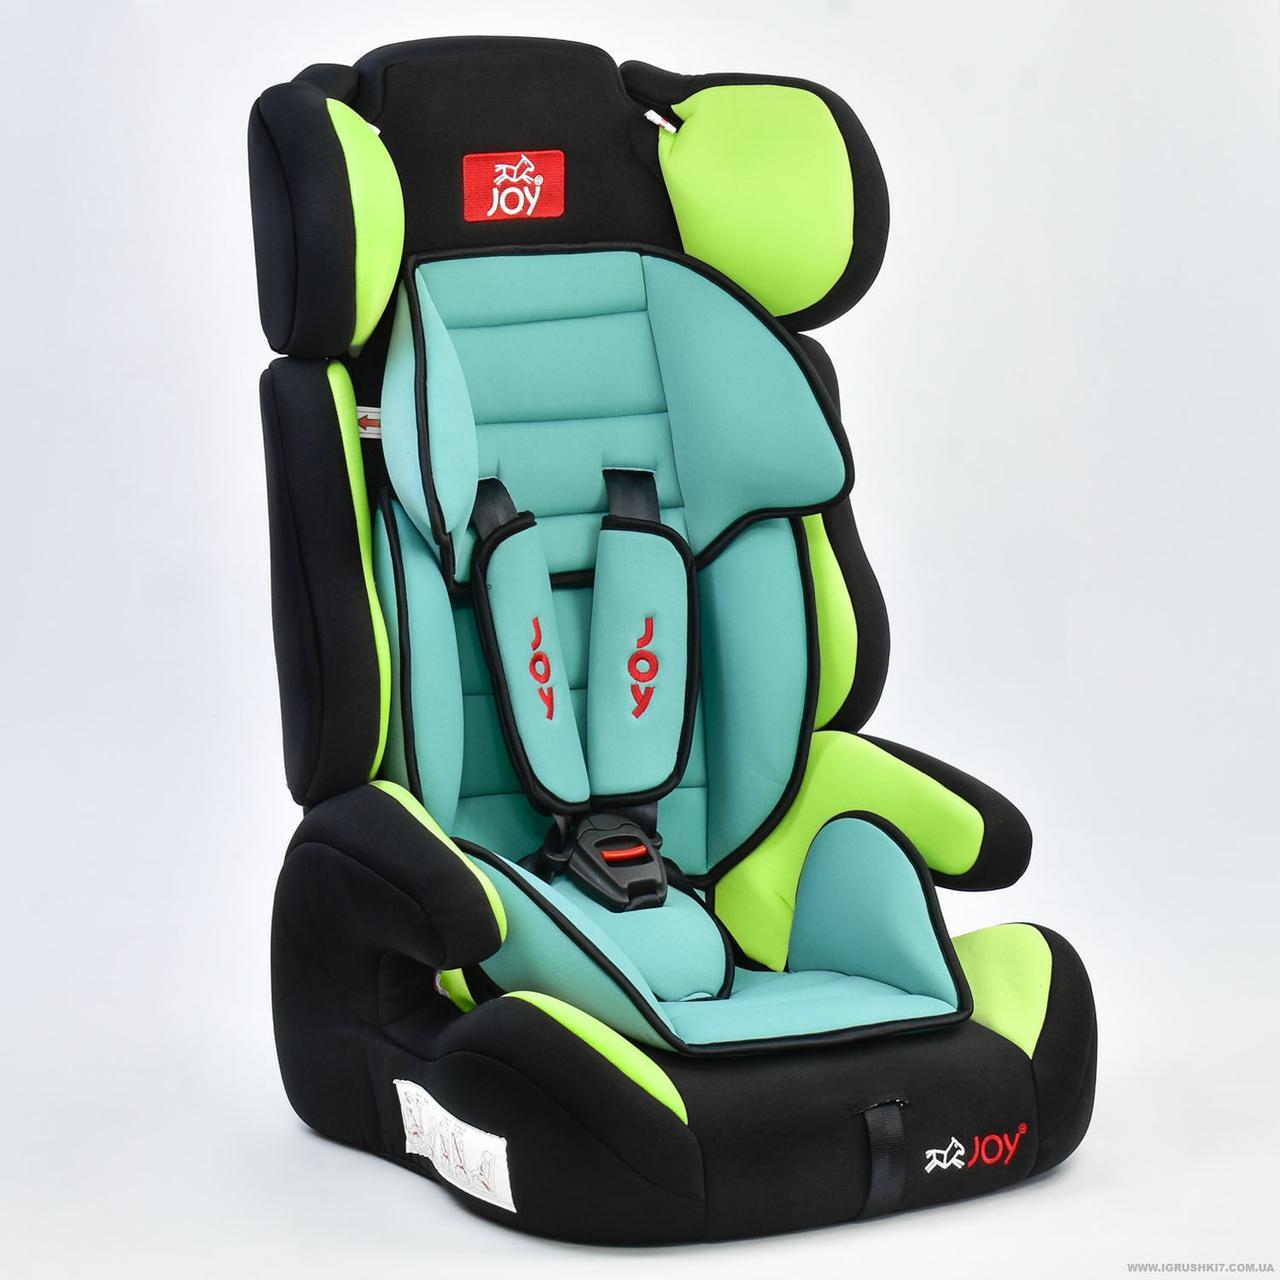 Автокресло универсальное Е 4445 (2) Цвет чёрно-зелёный 9-36 кг Joy